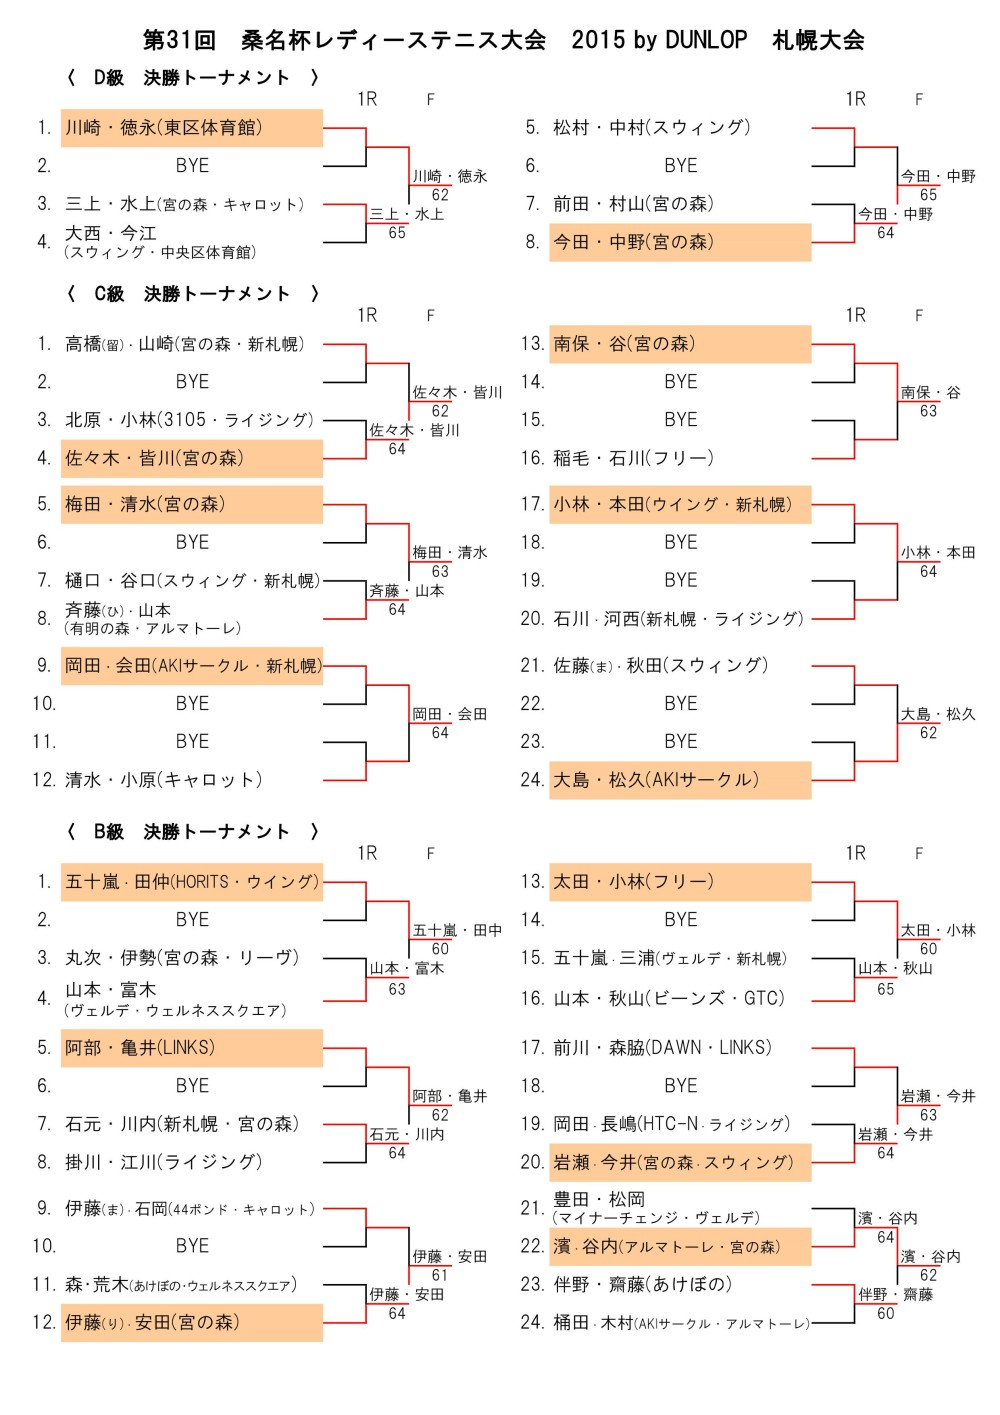 桑名杯 札幌大会 結果